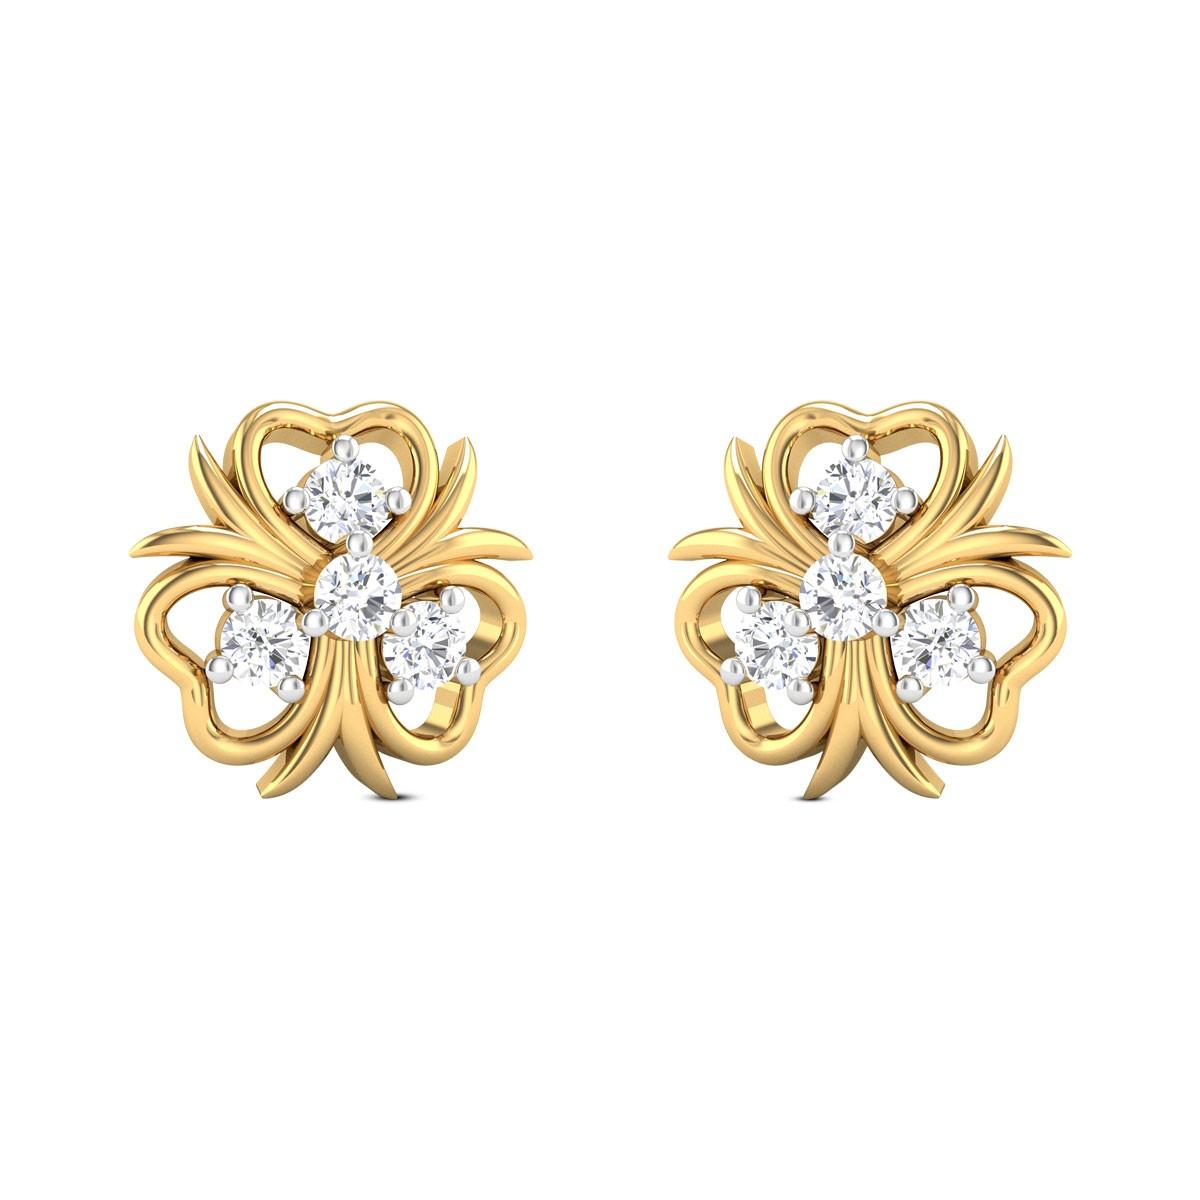 Evadne Floral Stud Earrings